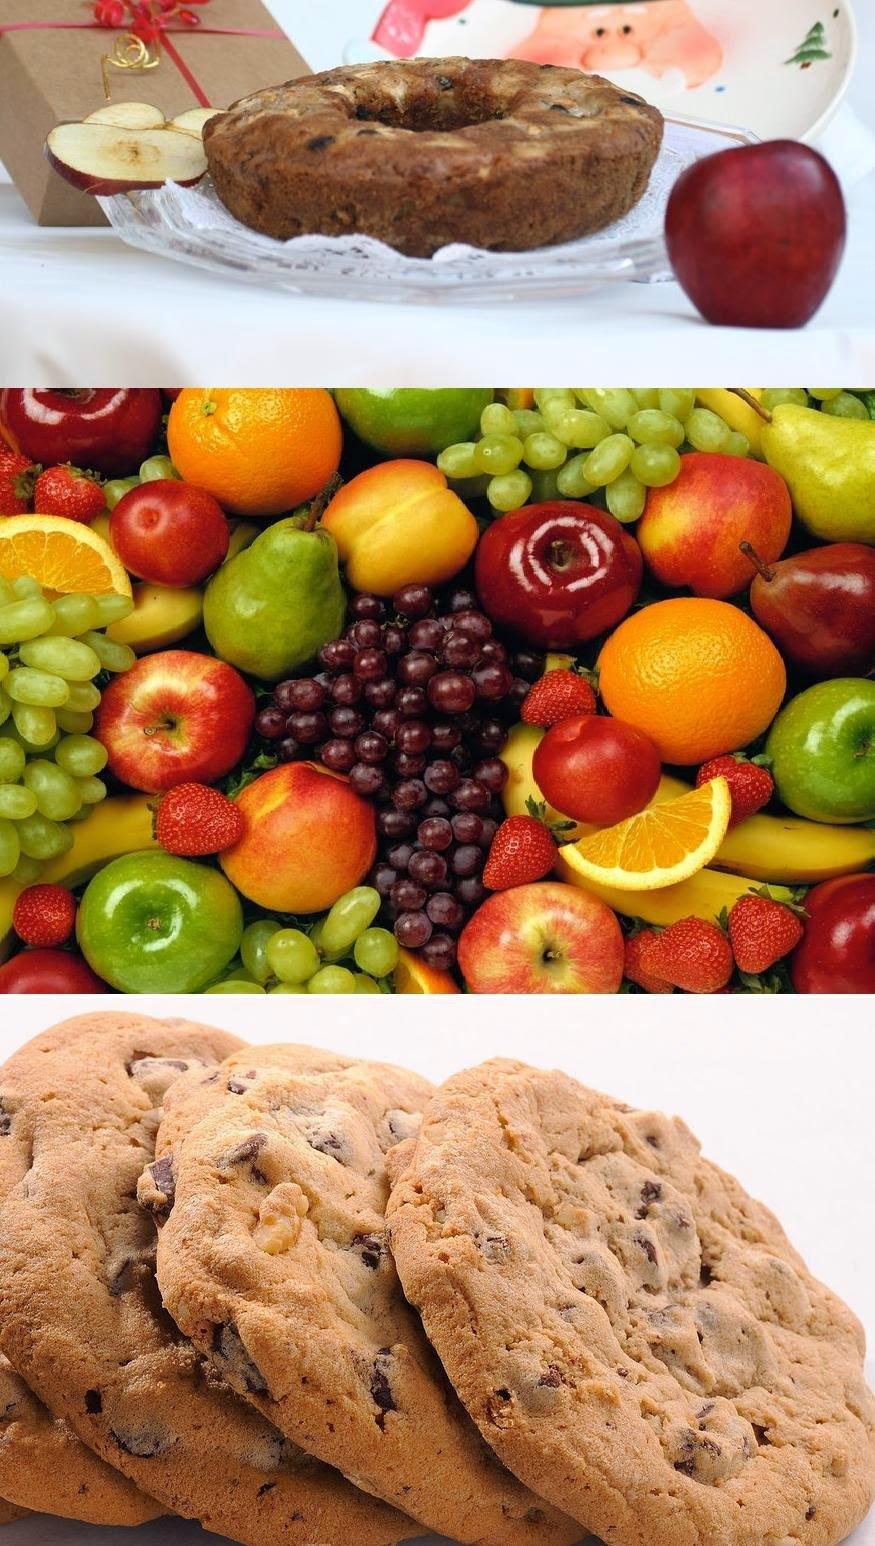 Receitas deliciosas que vão te ajudar a perder os quilos extras e ficar em dia com a saúde